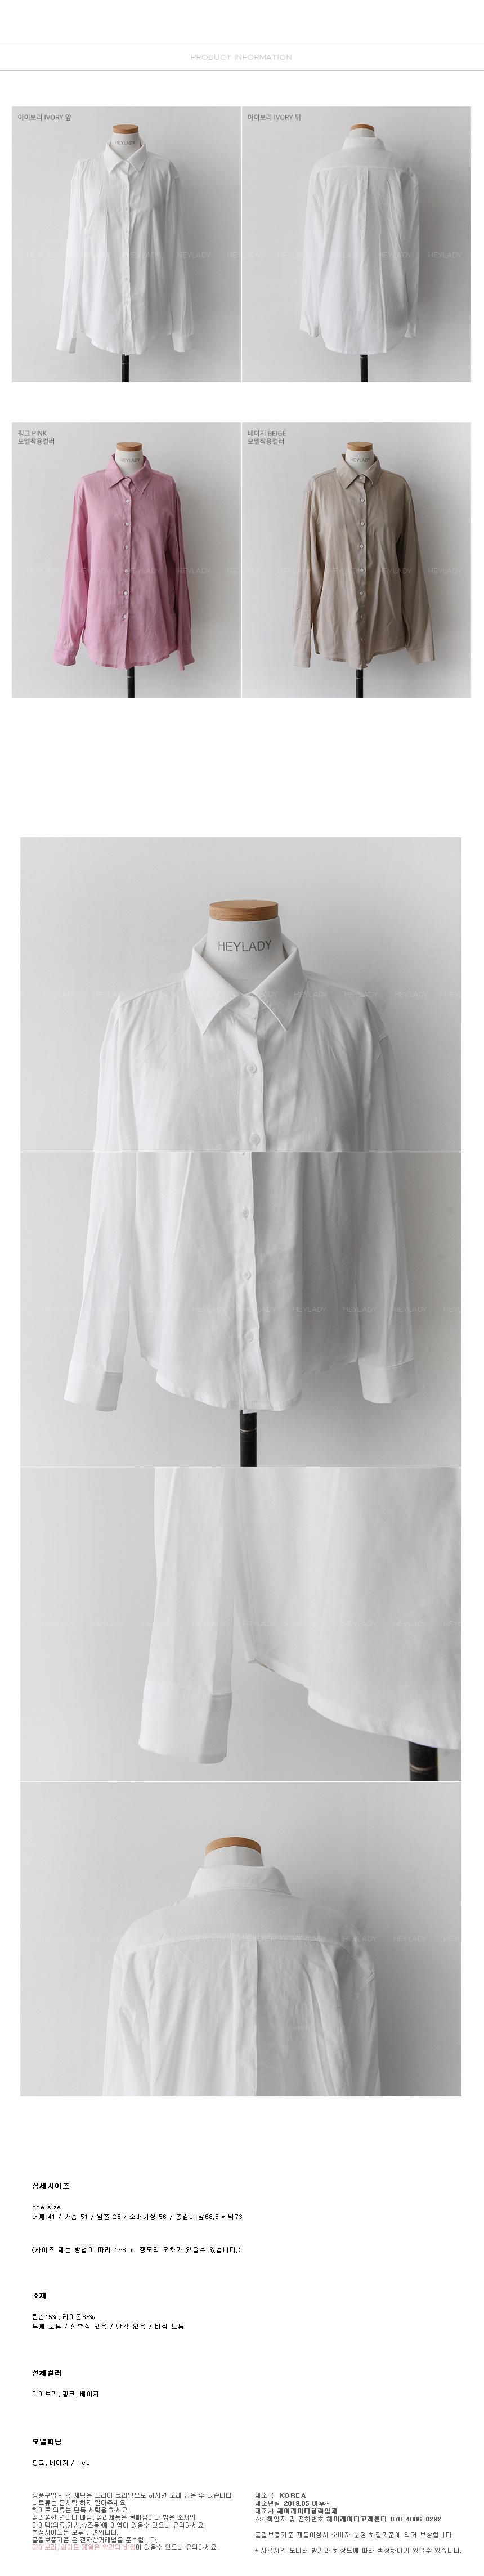 Going linen shirt blouse